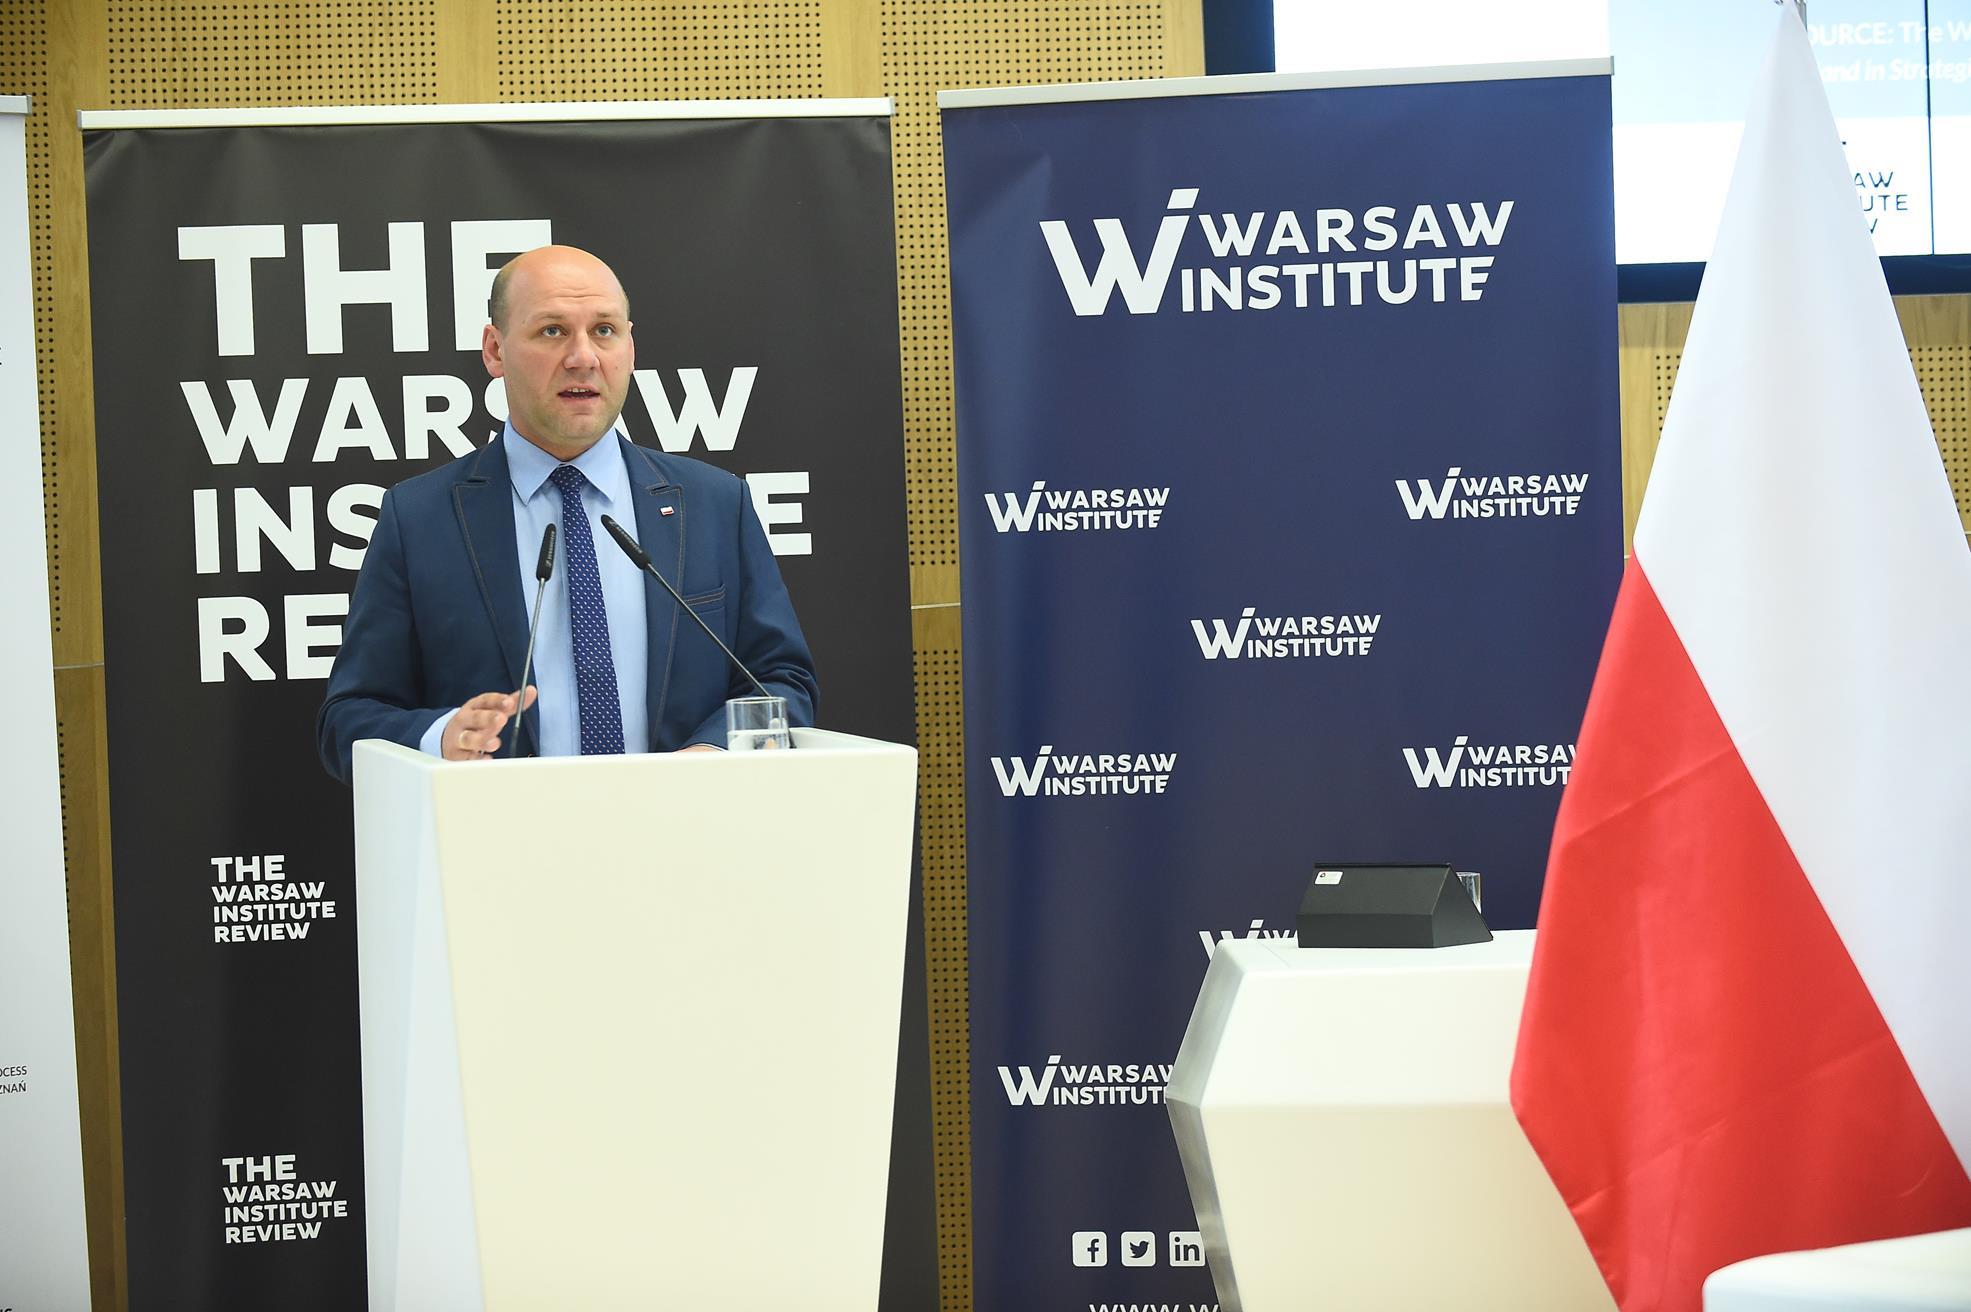 western balkans infrastructure energy geopolitics warsaw institute k9 8